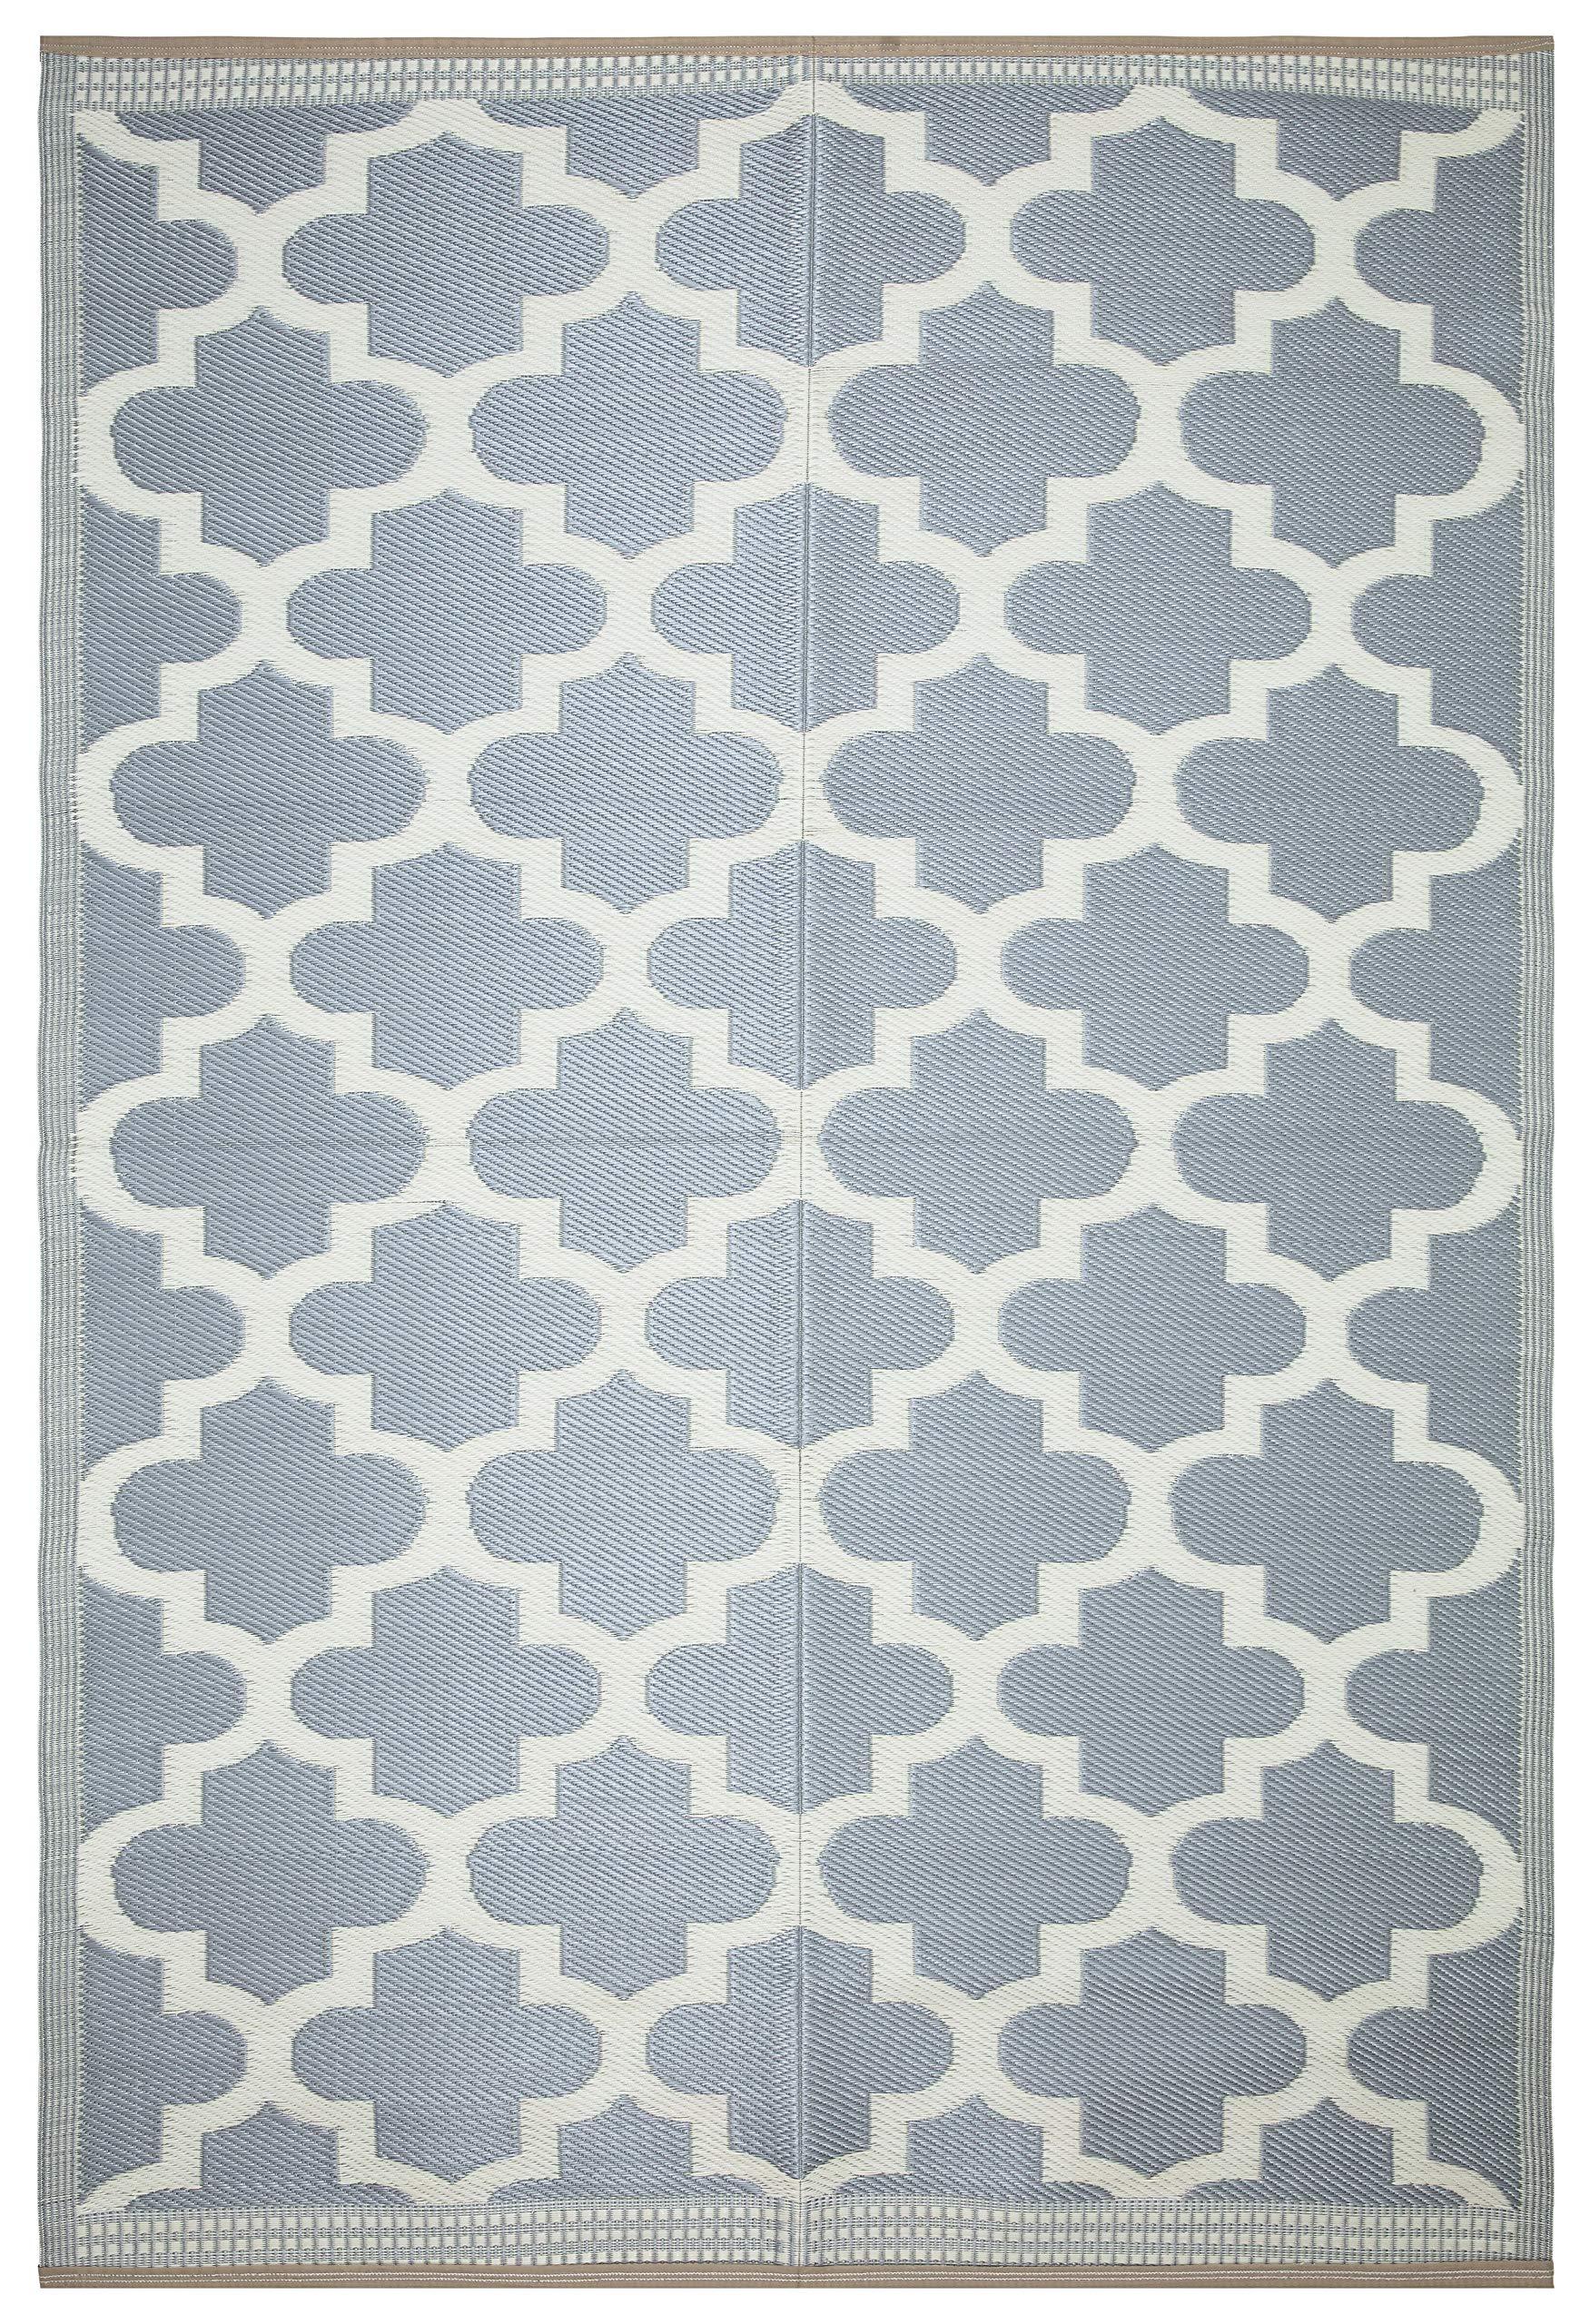 Lightweight Indoor Outdoor Reversible Plastic Area Rug - 5.9 x 8.9 Feet - Trellis- Grey/White